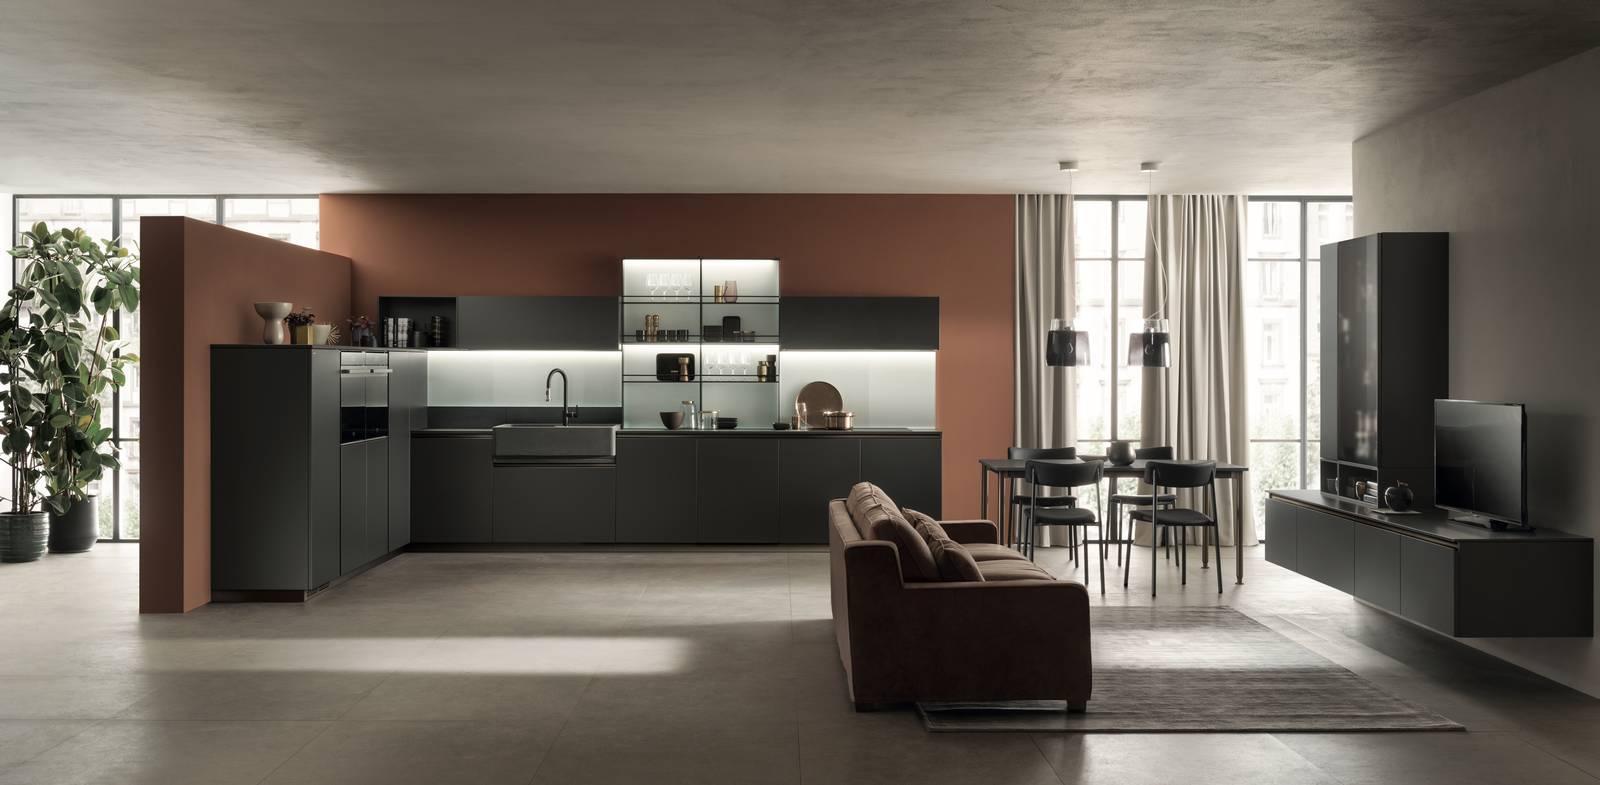 Come creare un confine tra i due ambienti: Cucine A L A Vista Sul Soggiorno O Separate Cose Di Casa